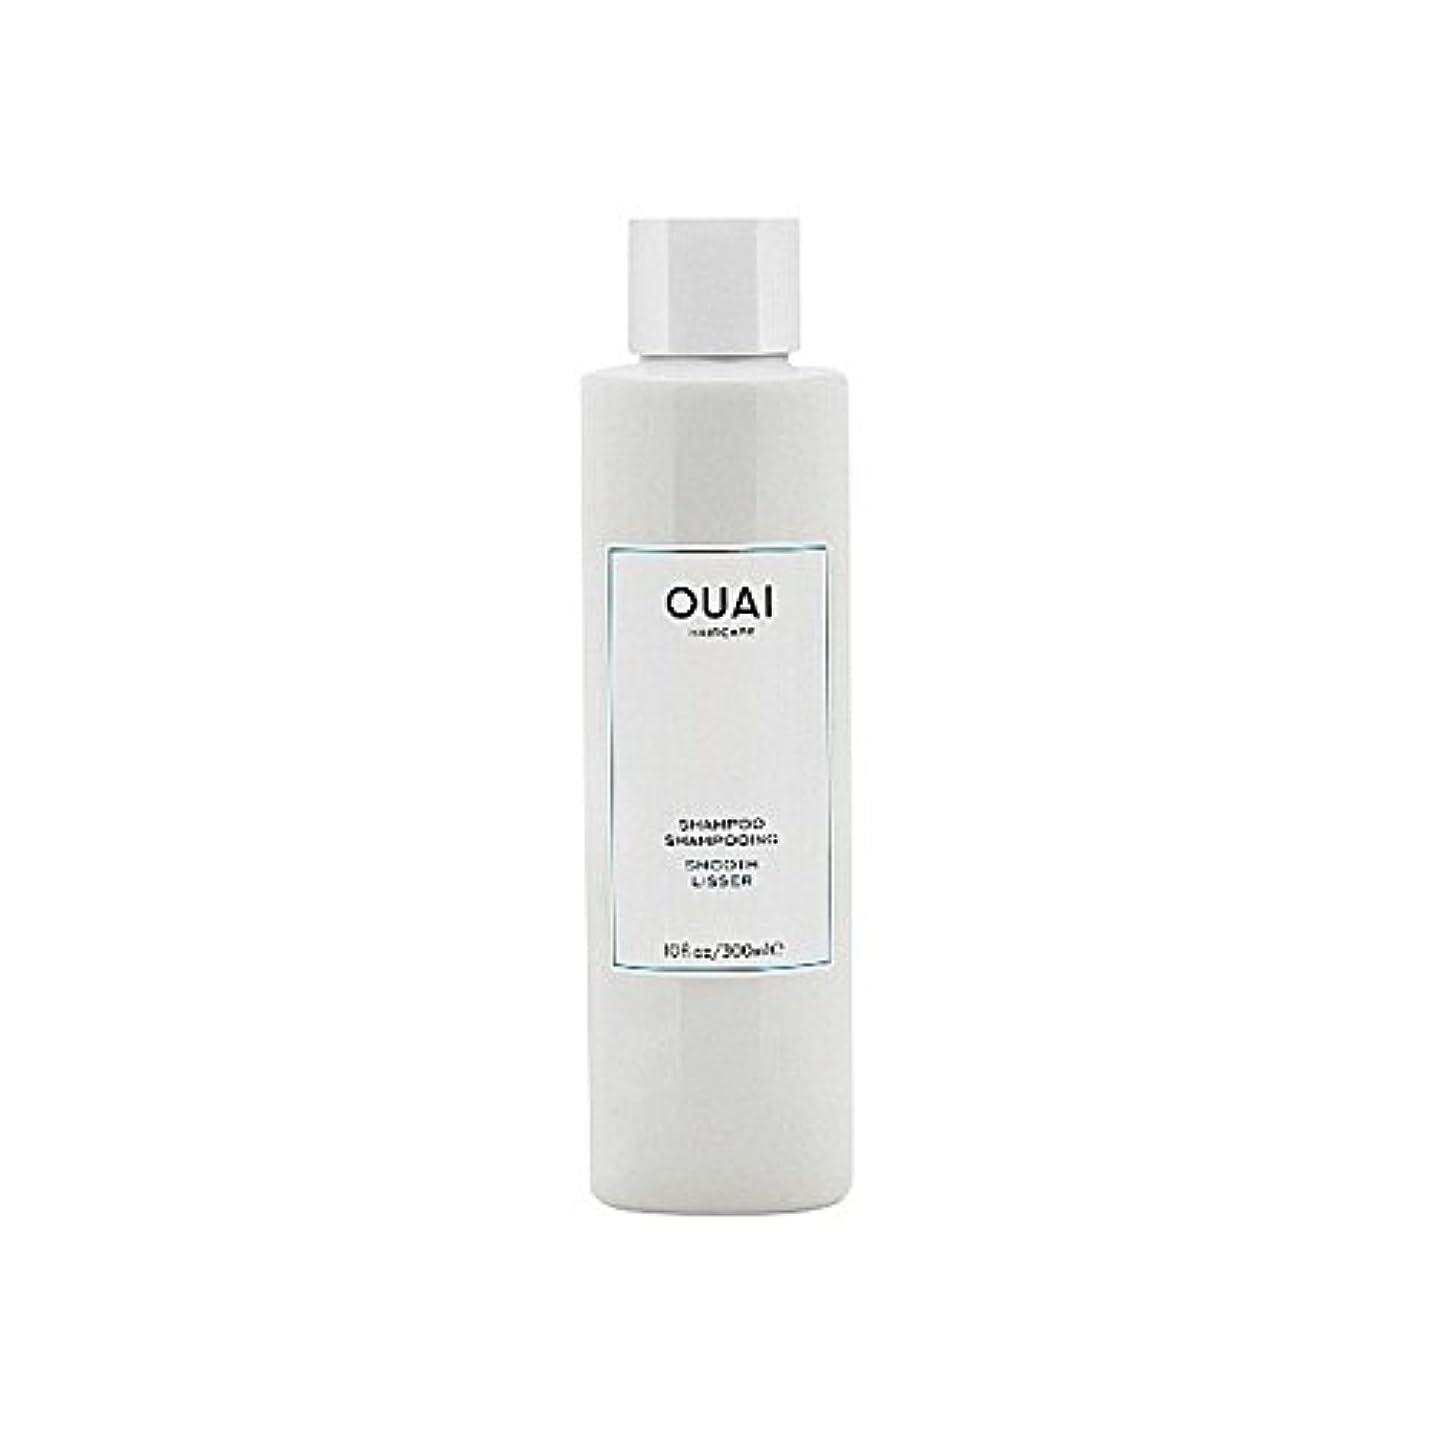 Ouai Smooth Shampoo 300ml - スムーズなシャンプー300ミリリットル [並行輸入品]